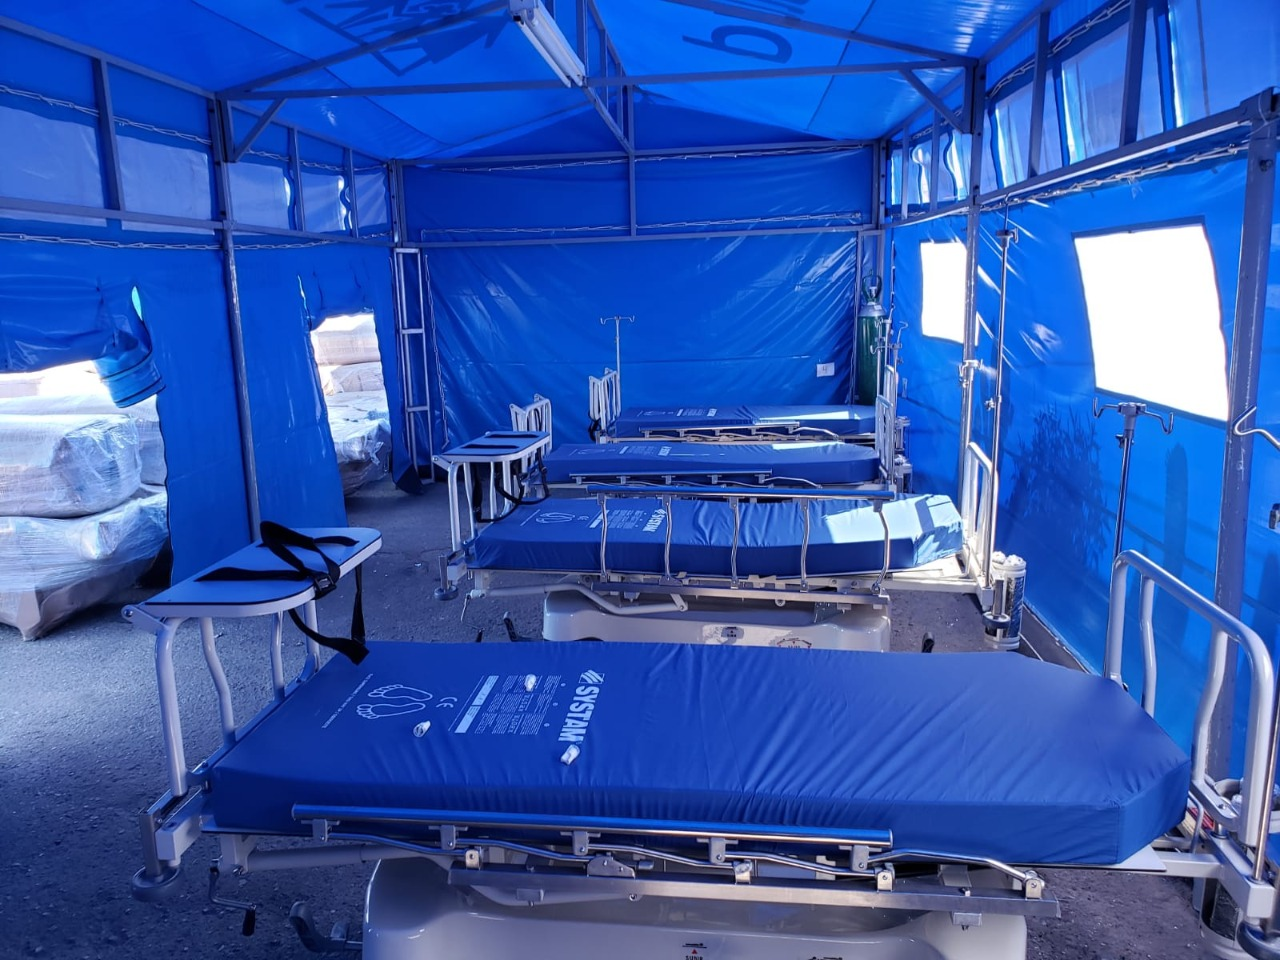 Essalud - EsSalud Arequipa adquiere 91 camas camillas de Emergencia y 12 monitores de funciones vitales